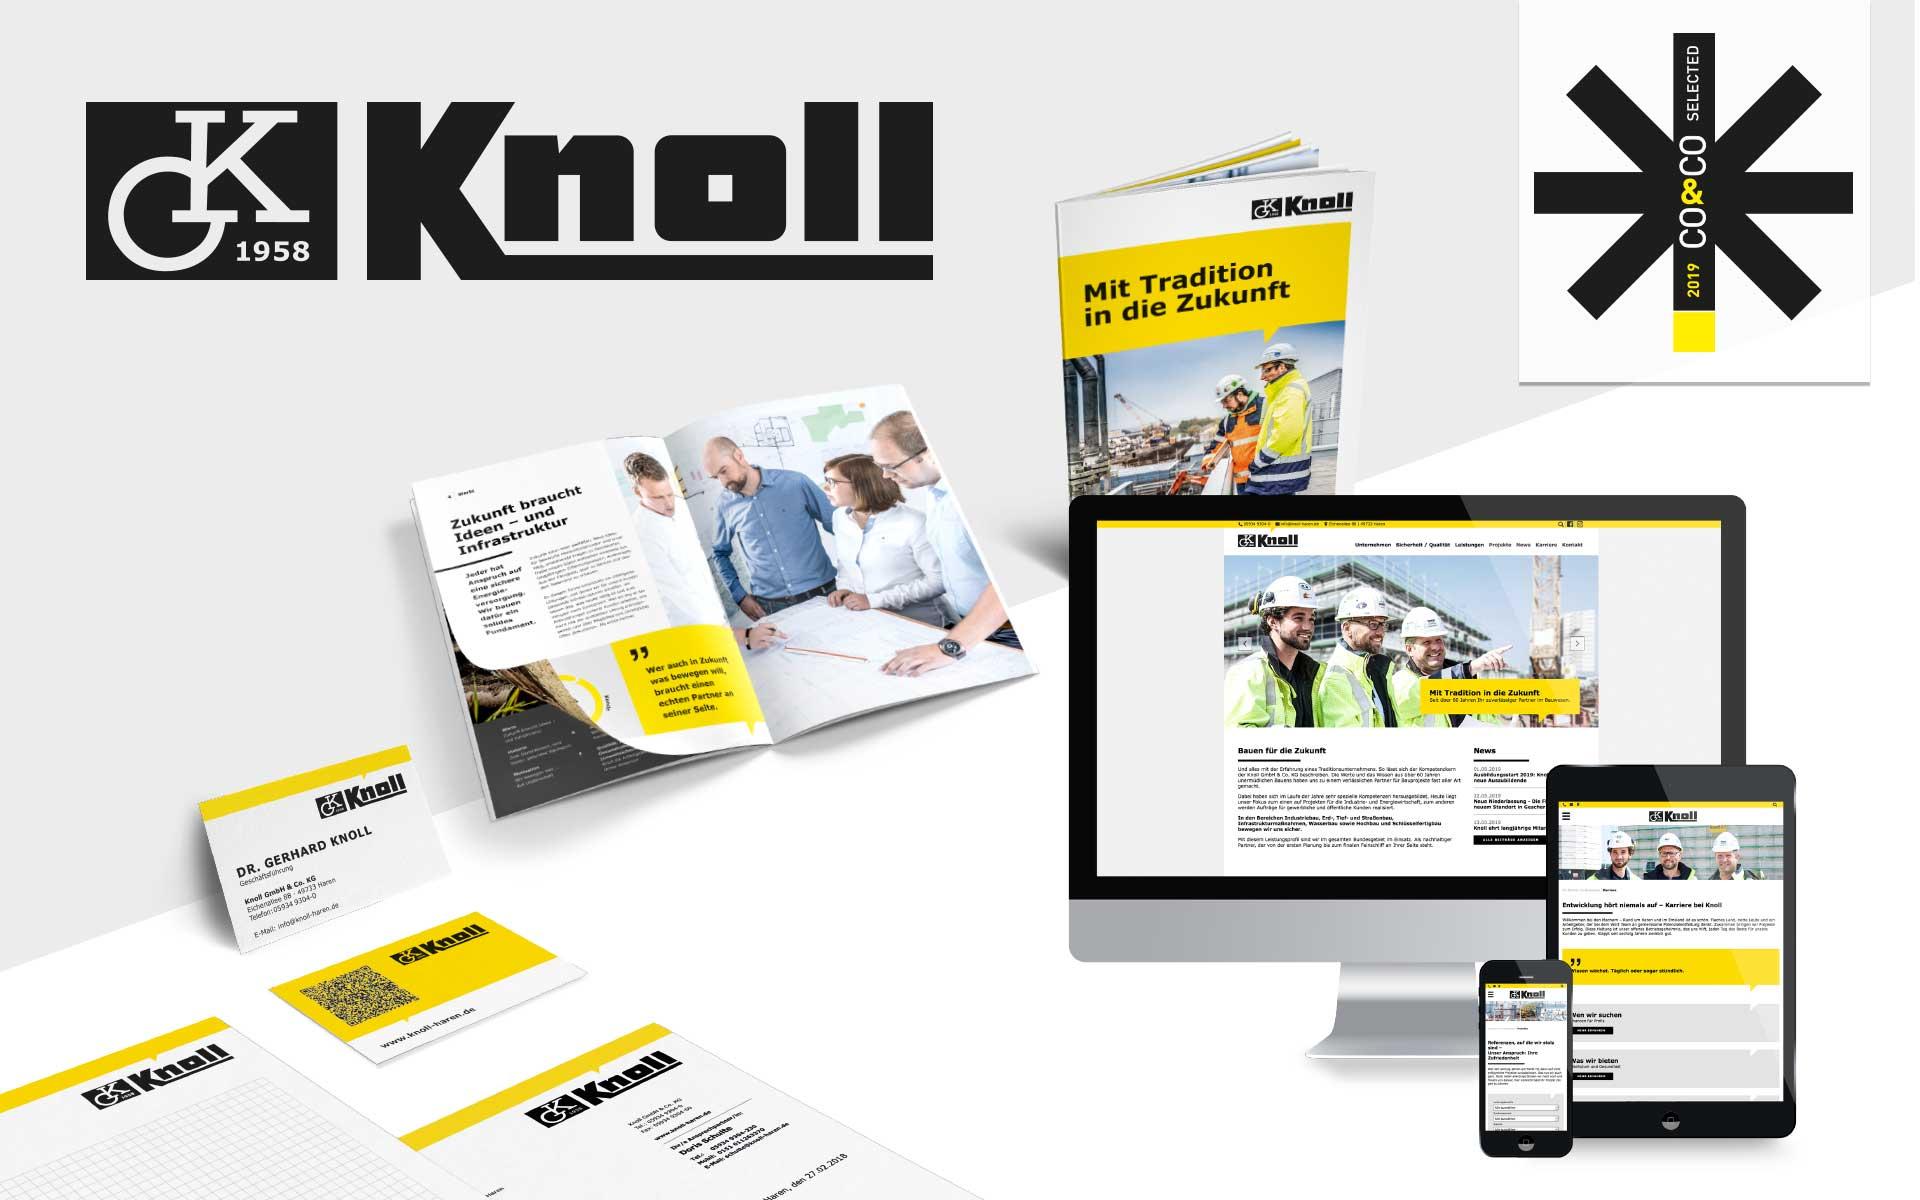 Knoll gestaltet von team4media - Ihre Fullservice Werbeagentur in Osnabrück